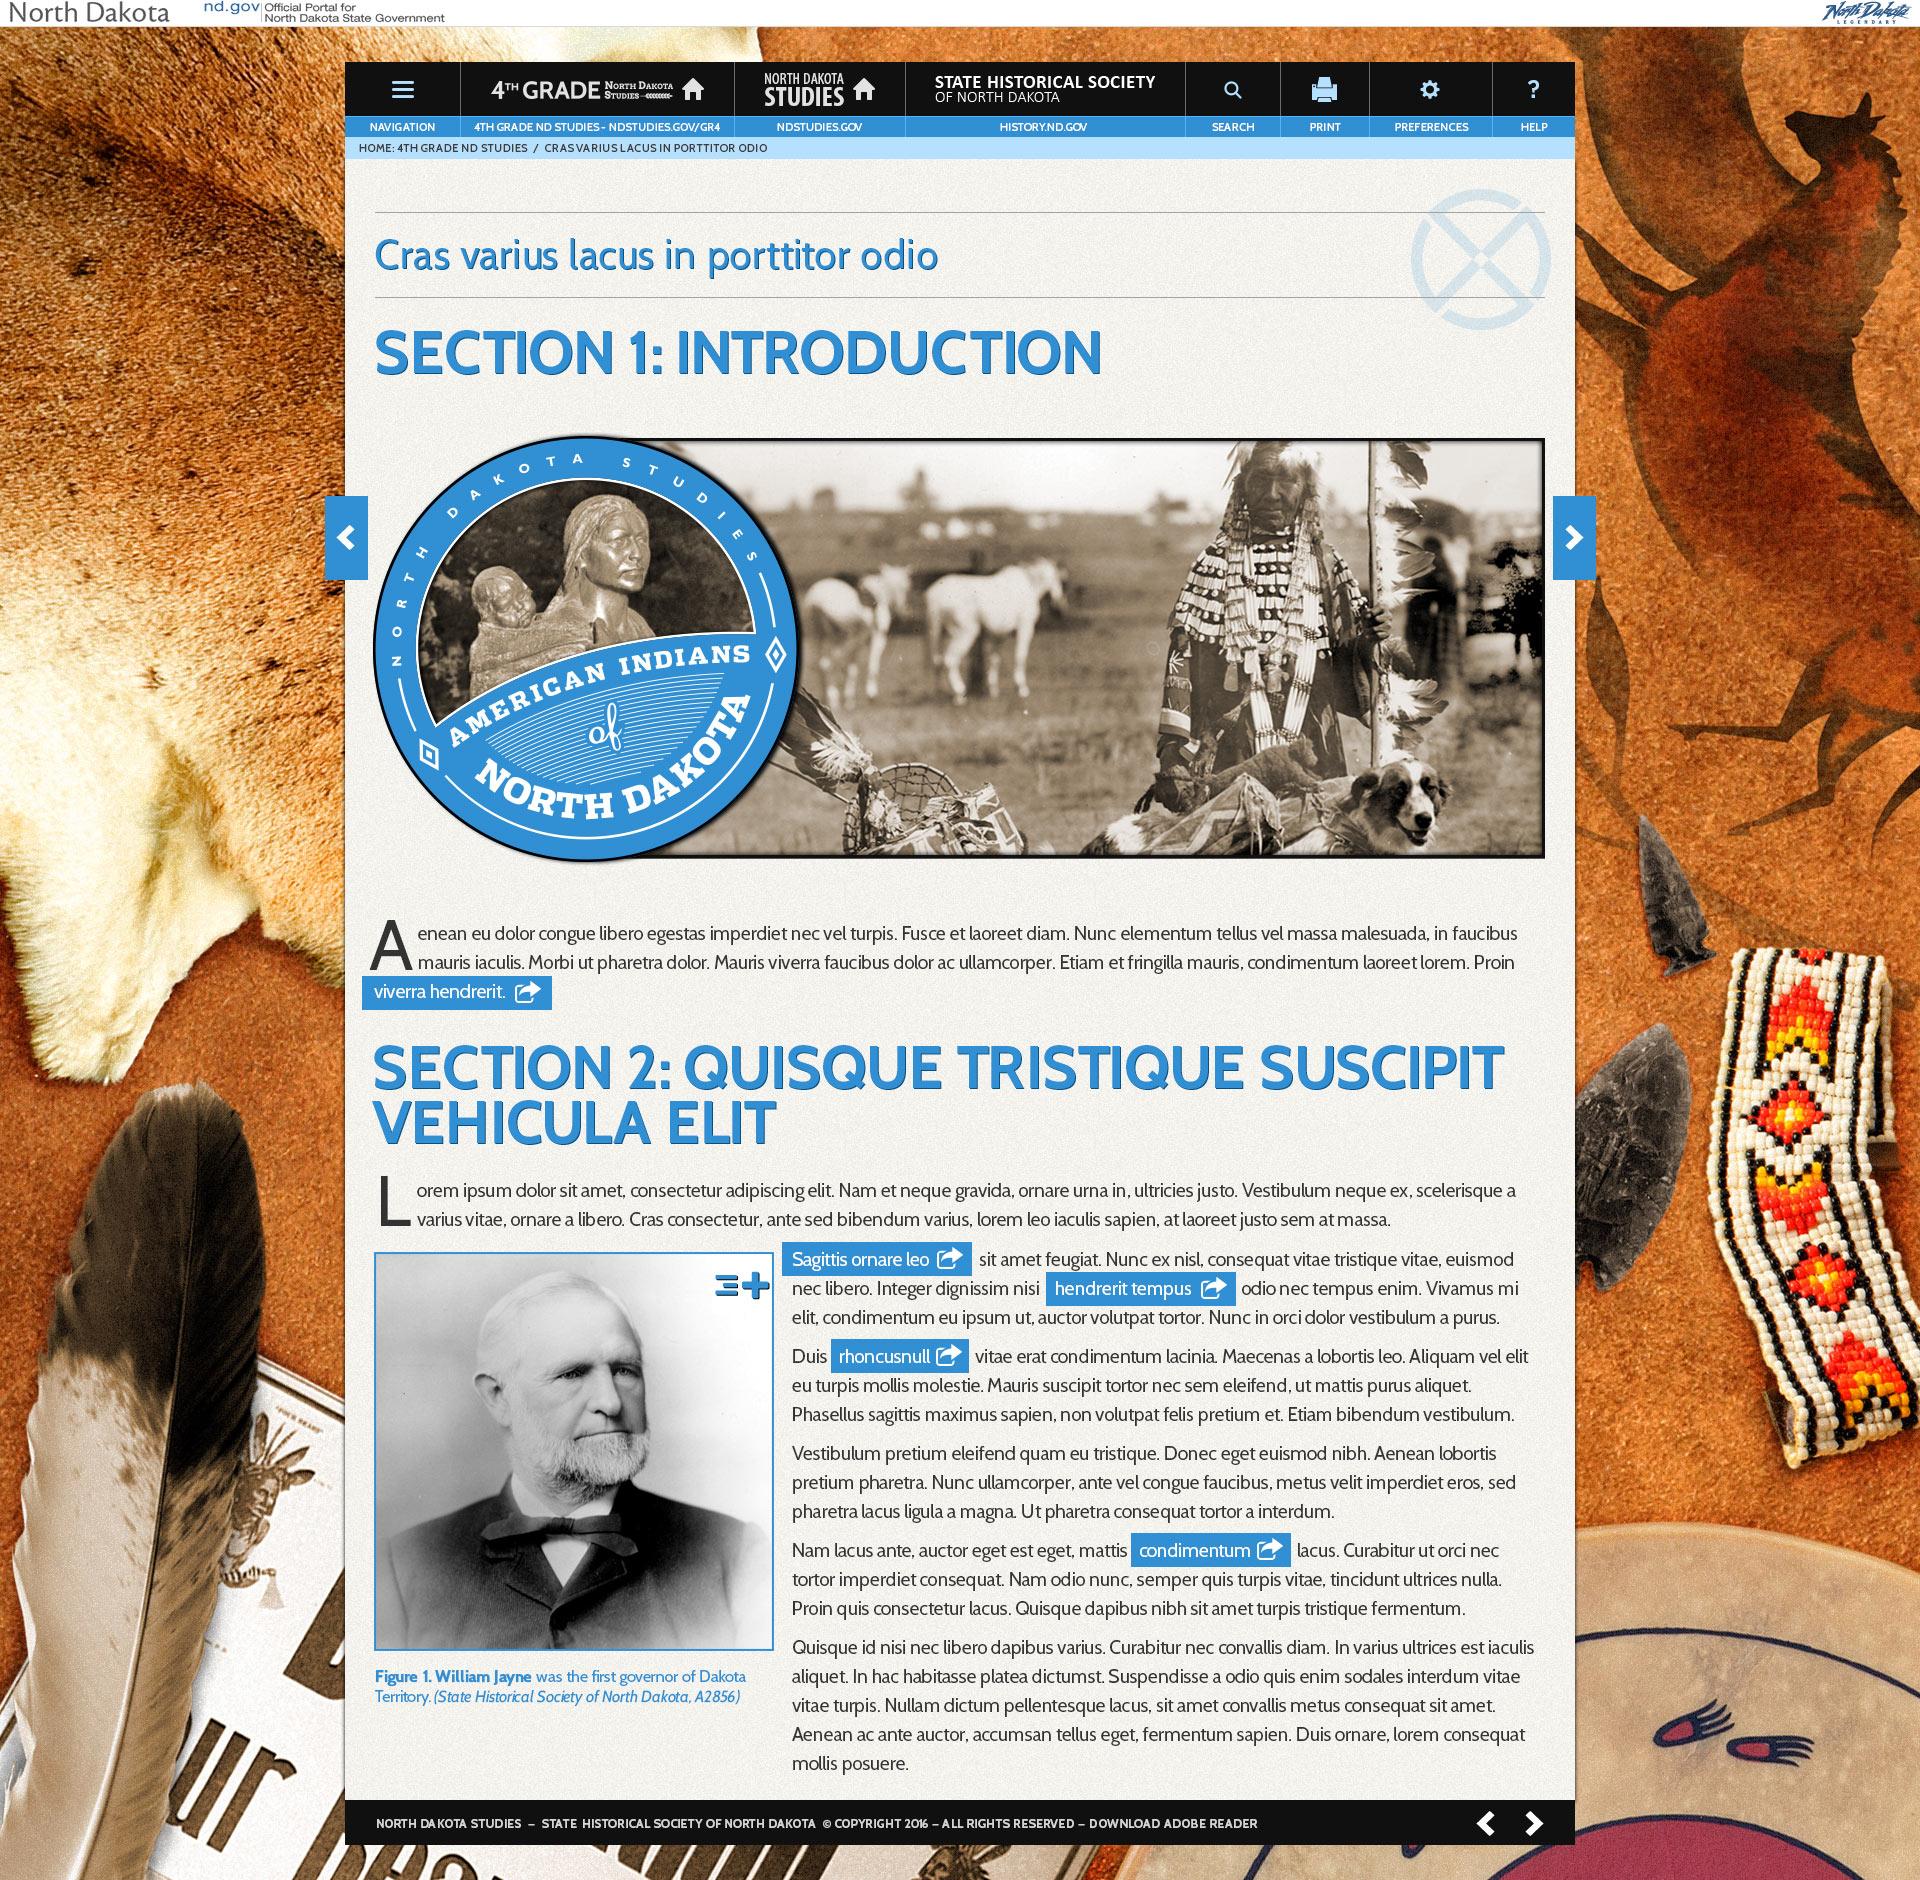 Ndstudiesthgrwebsiteamindians Agency MABU Bismarck - North dakota studies